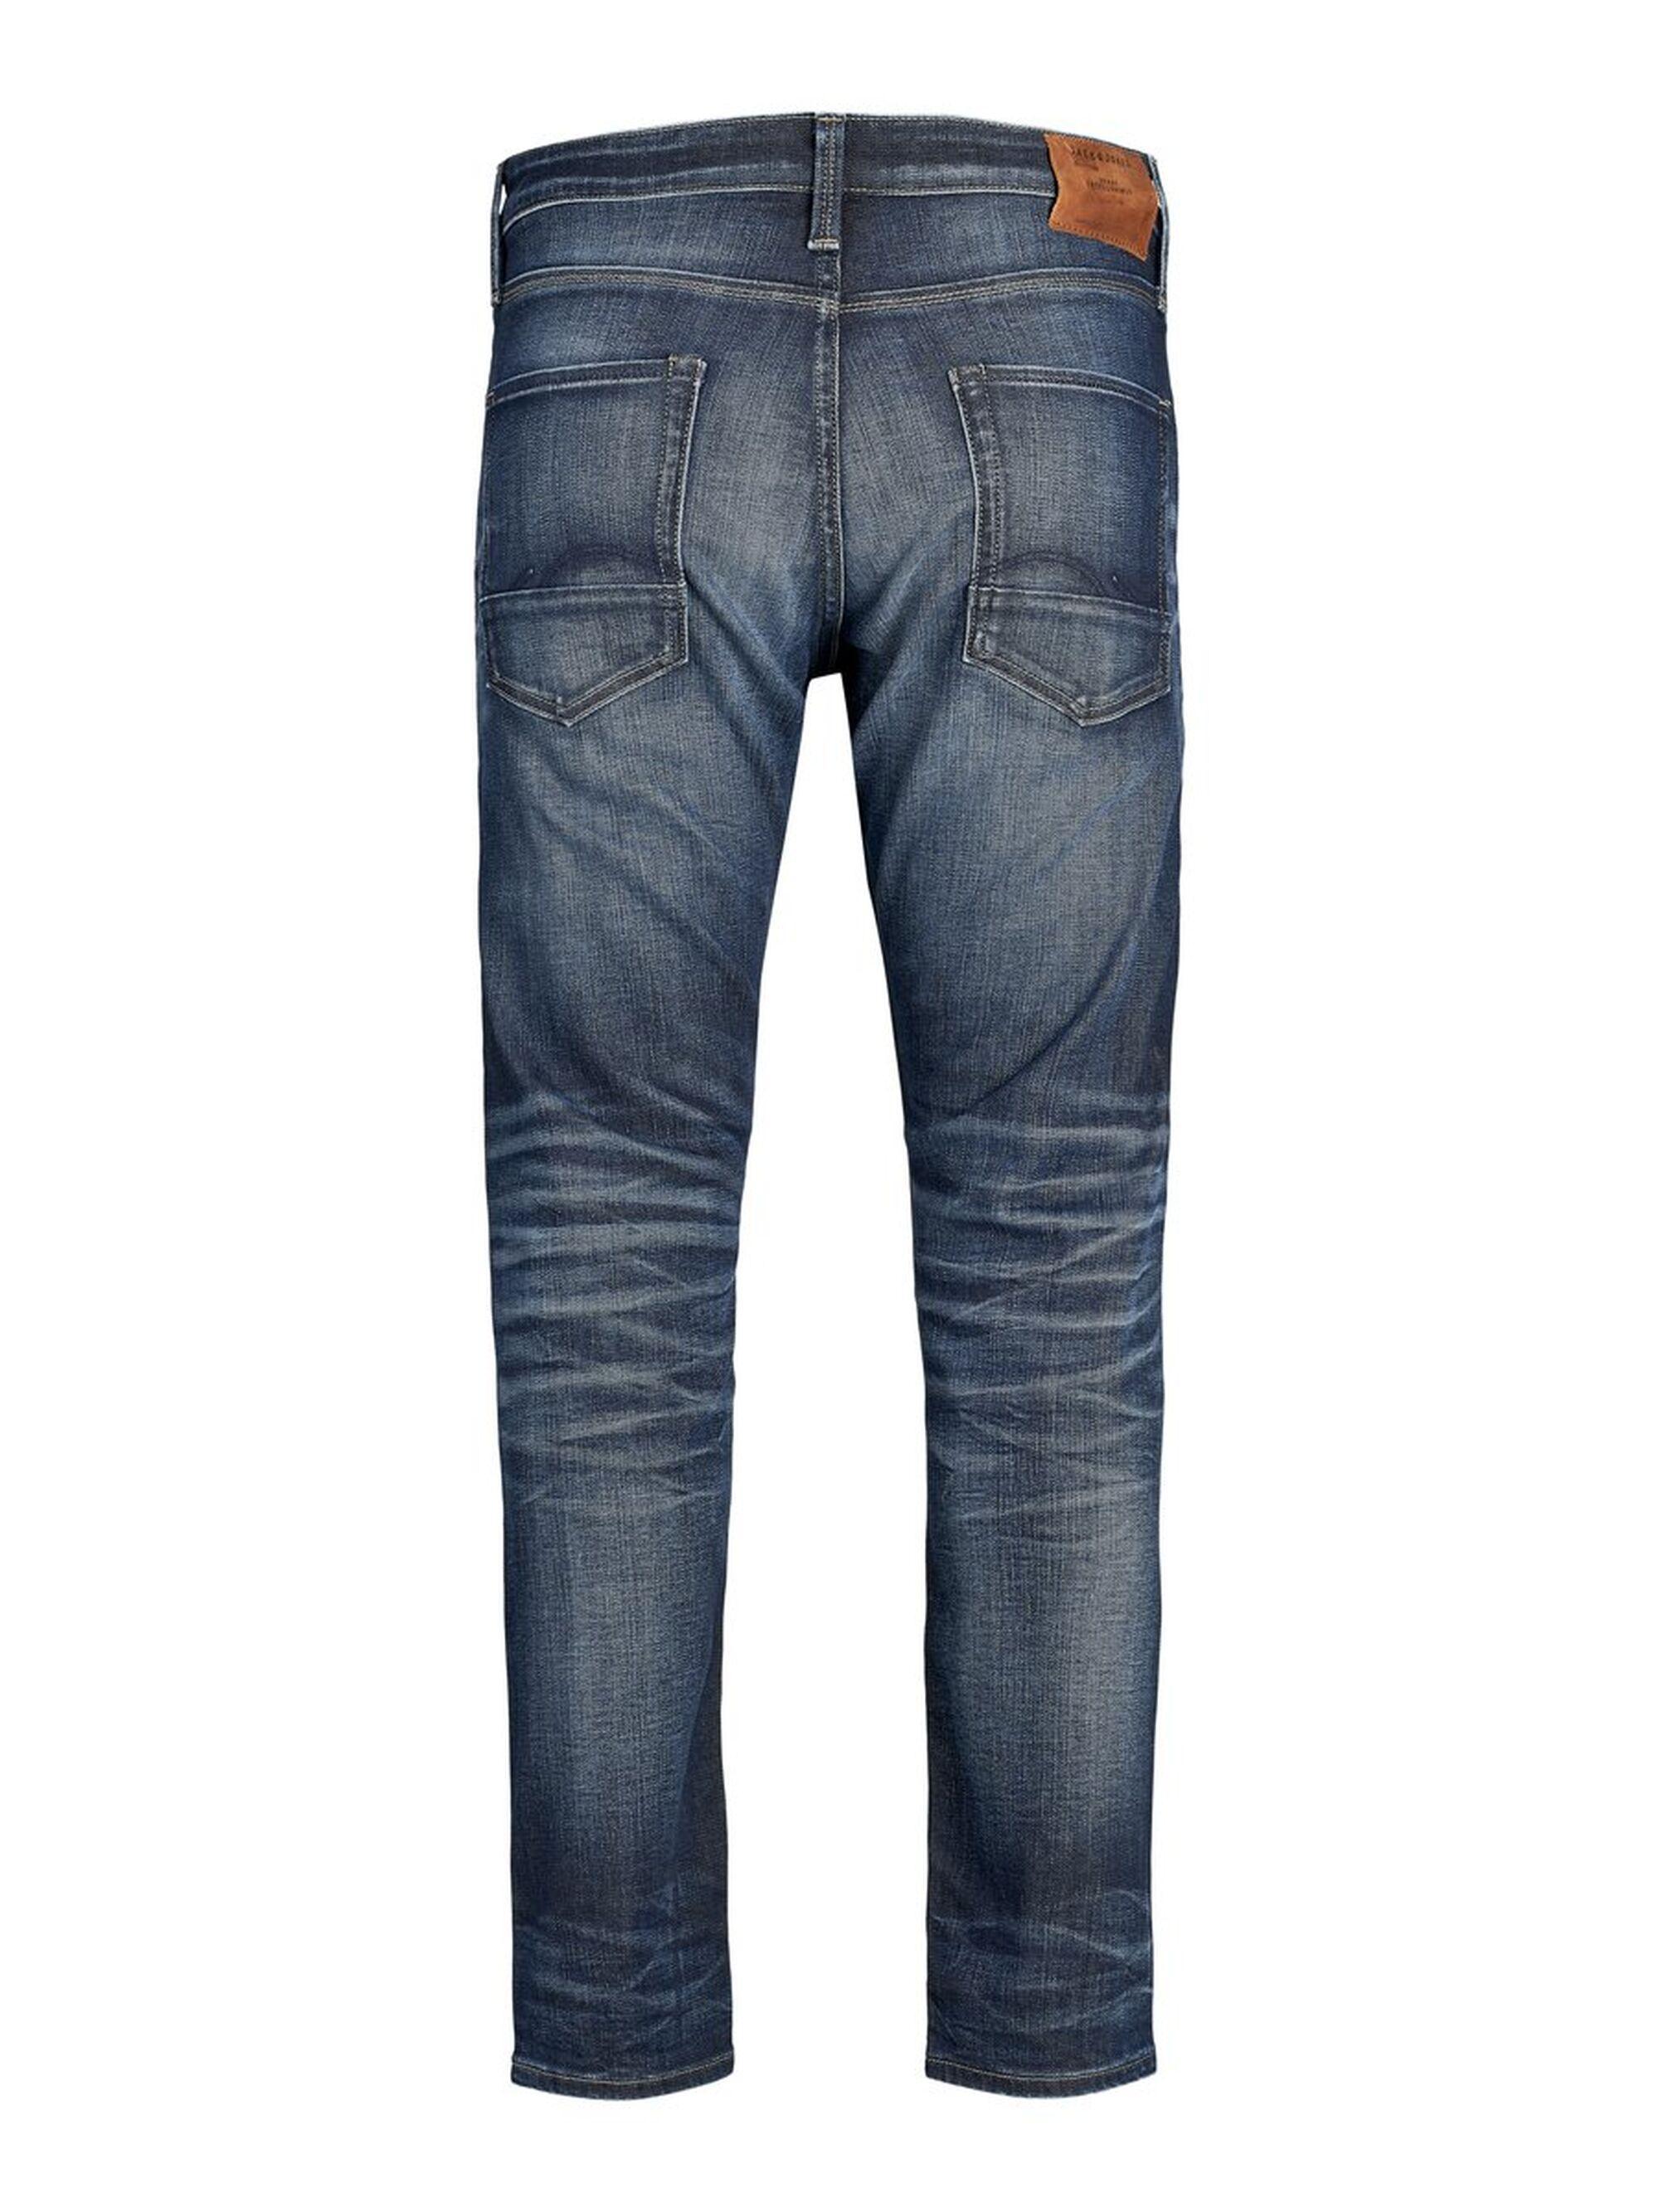 Jack & Jones Denim Chris Halo Jj 188 Loose Fit Jeans in het Blauw voor heren